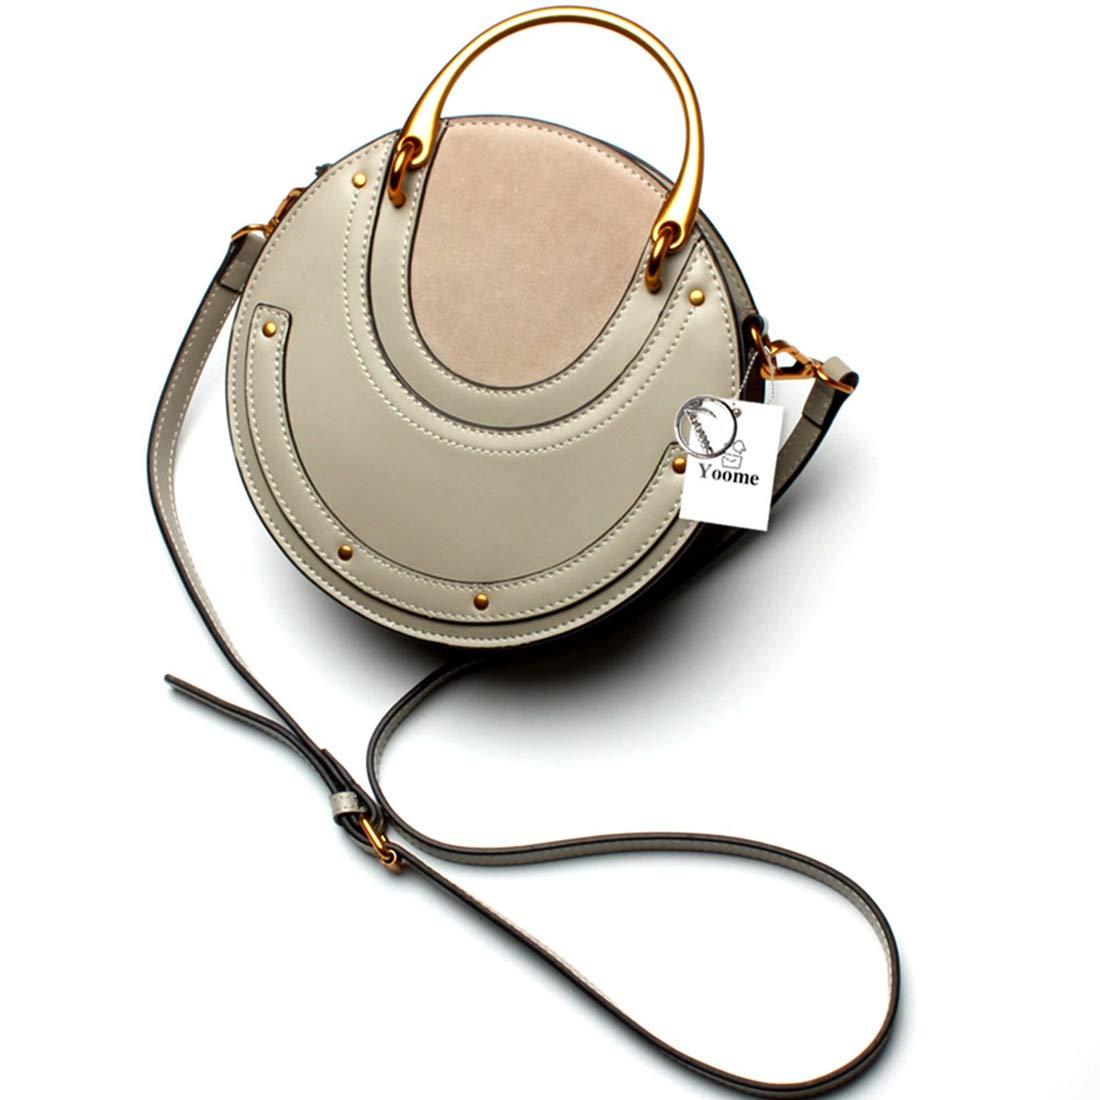 Yoome Elegant Rivet Bag Punk Purse Circular Ring Handle Handbags Cowhide Crossbody Bags For Women - Grey